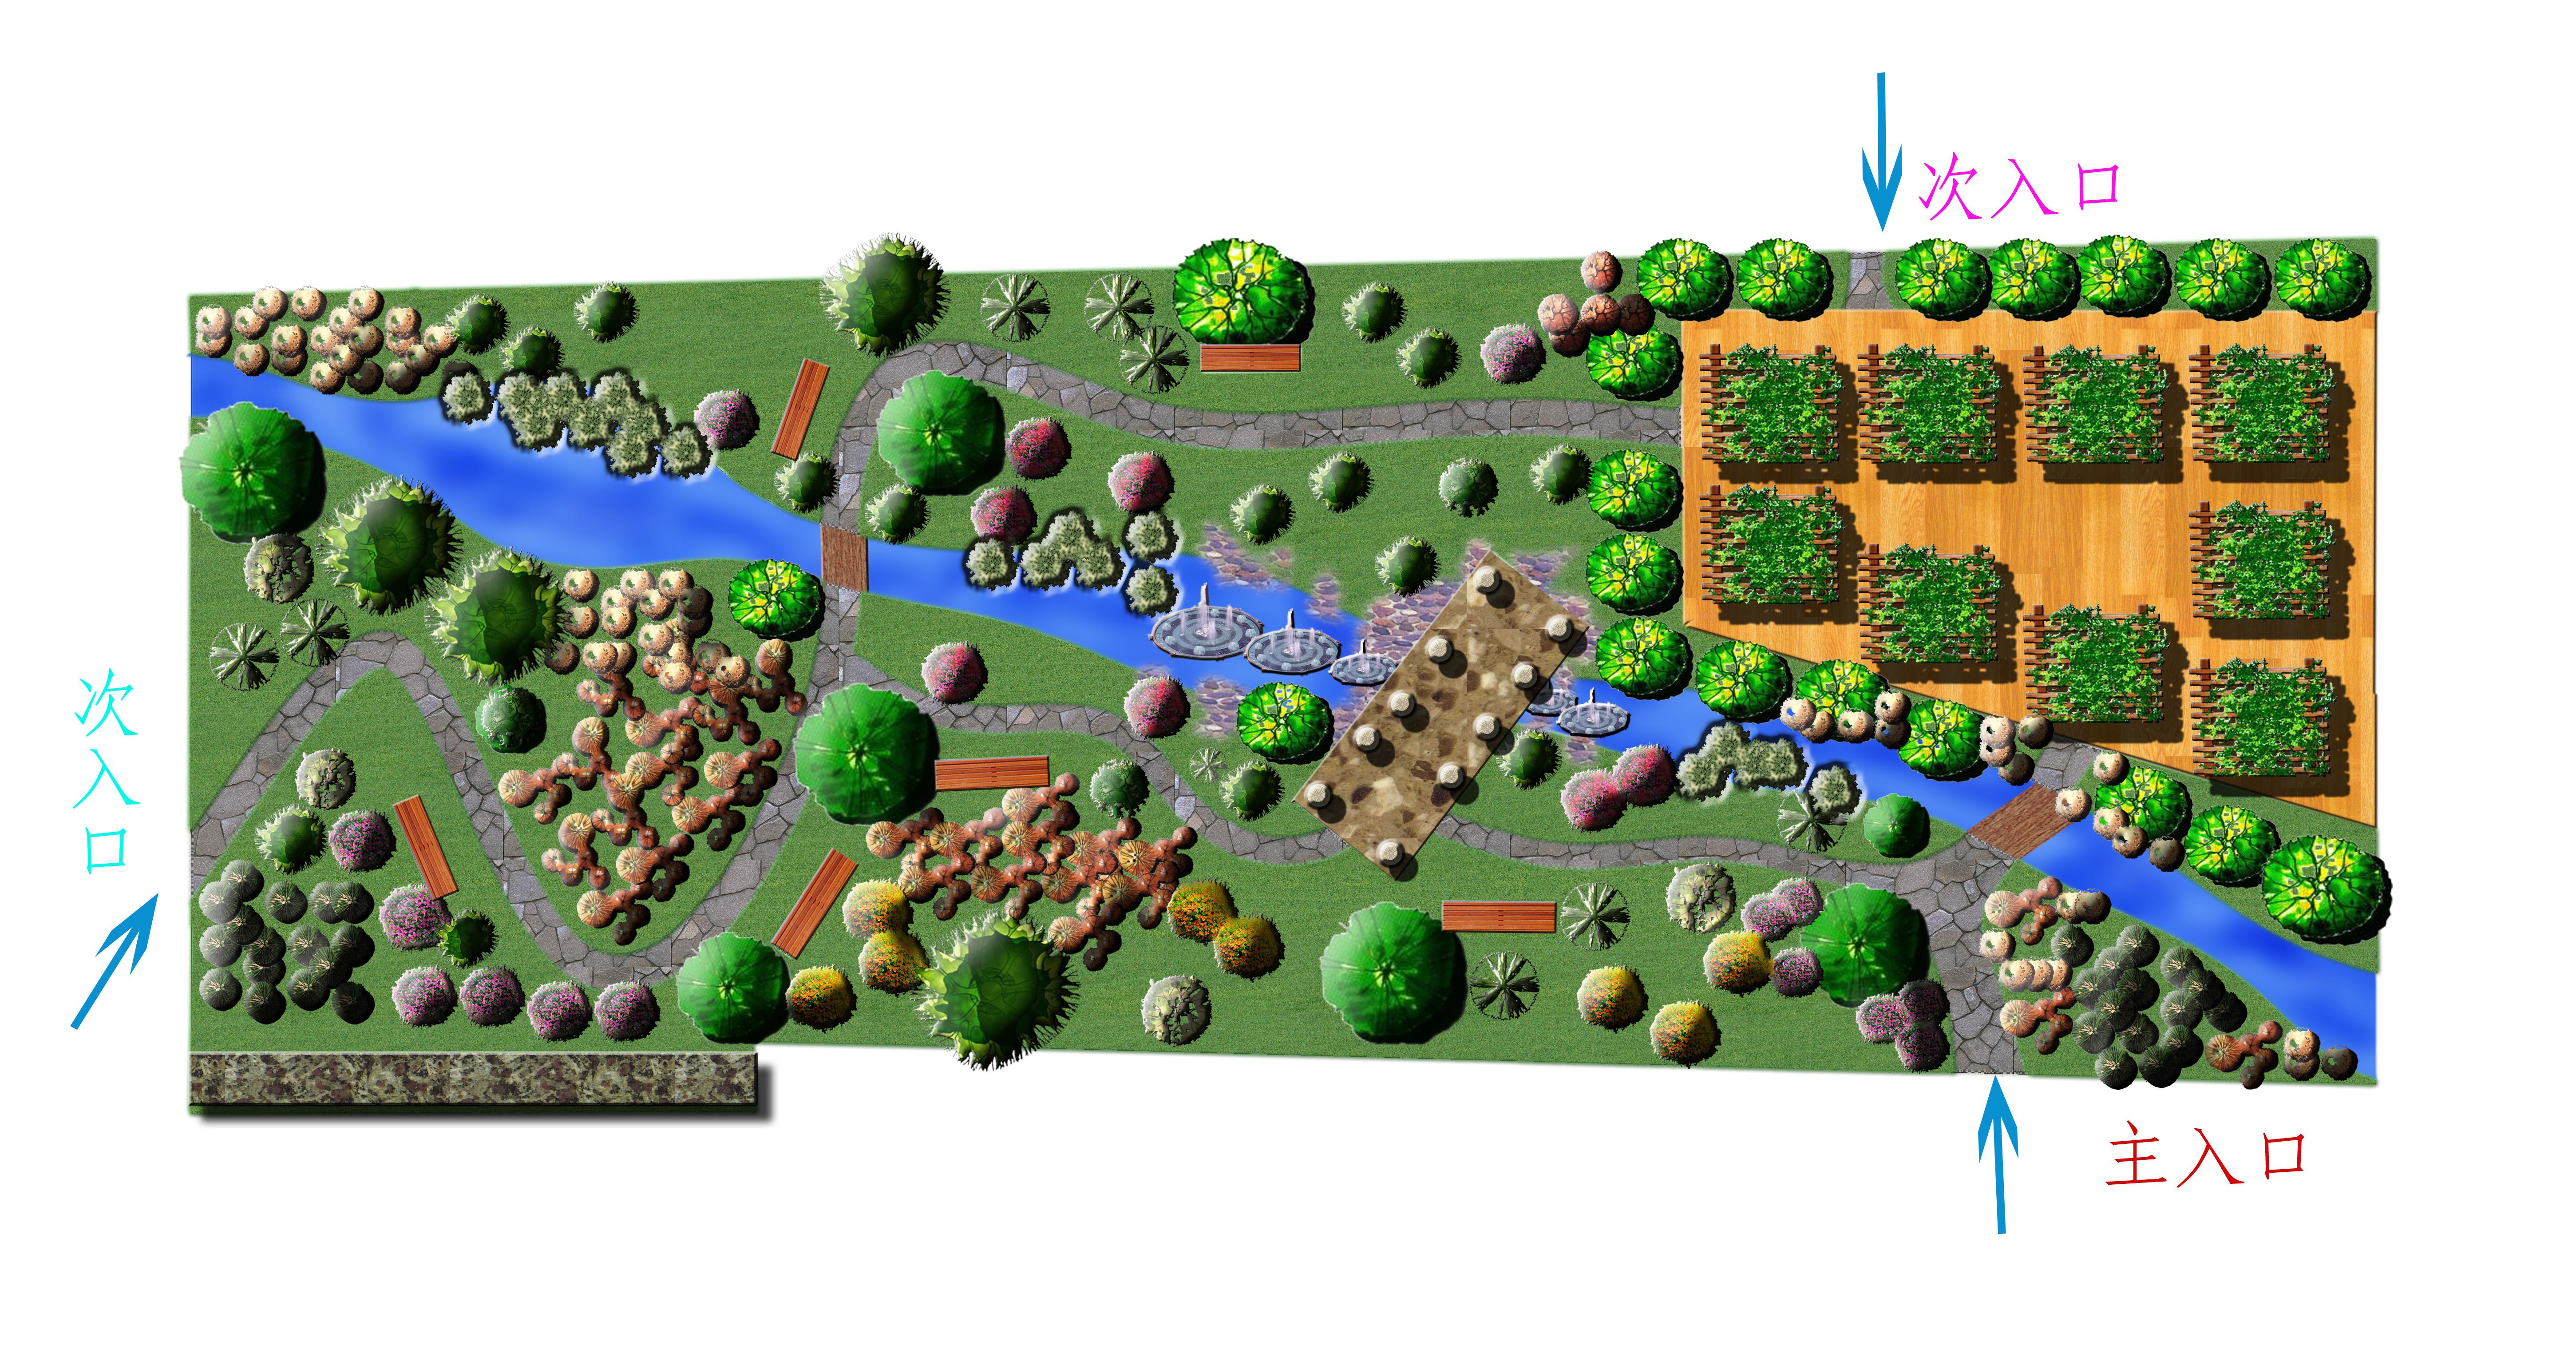 景观cad图公园景观设计公园景观小品公园景观快题设计滨水公园景观 其